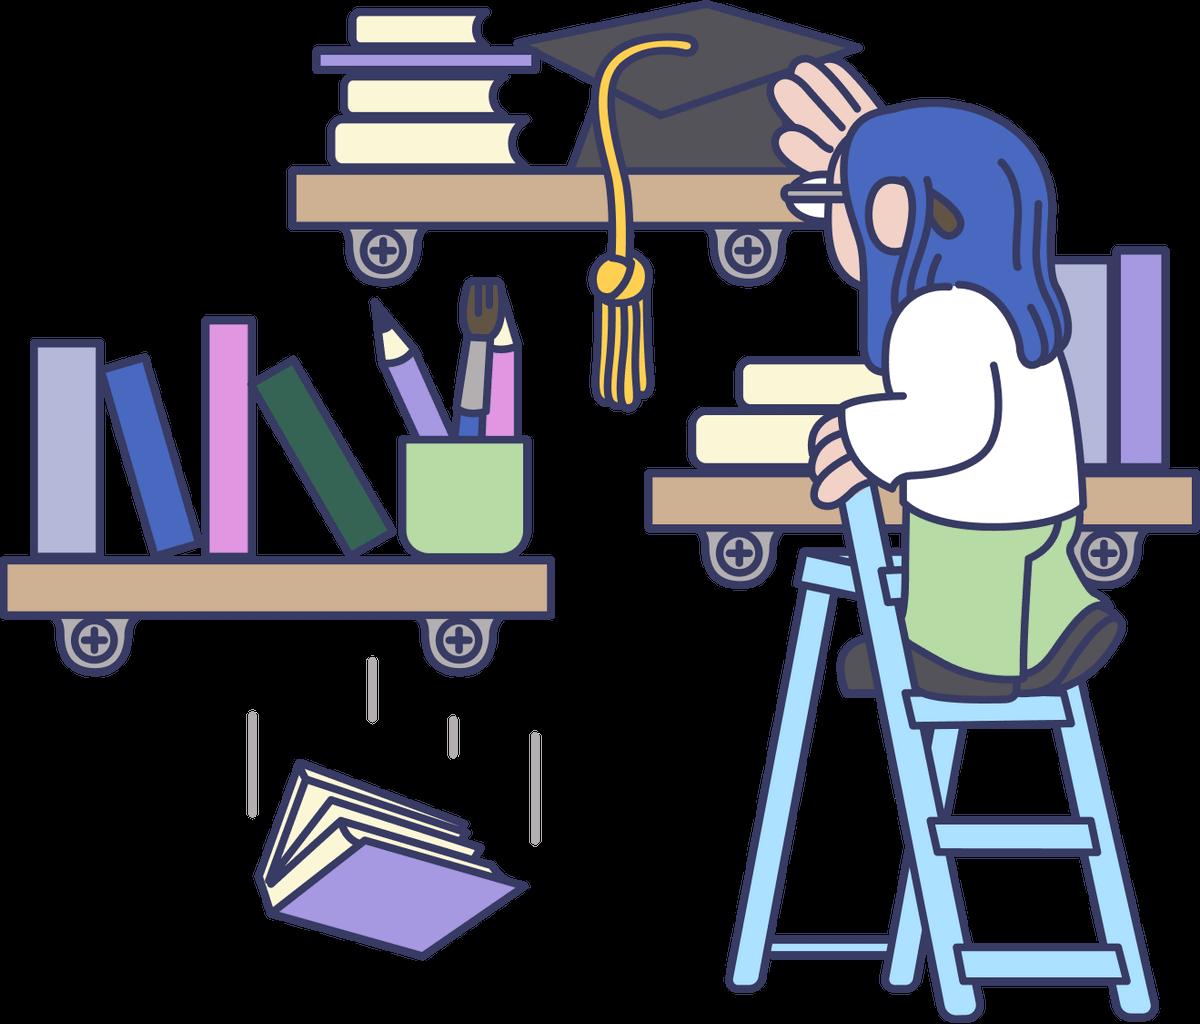 Не лишнее высшее: 5 примеров, как вузовское образование помогает в реальной жизни